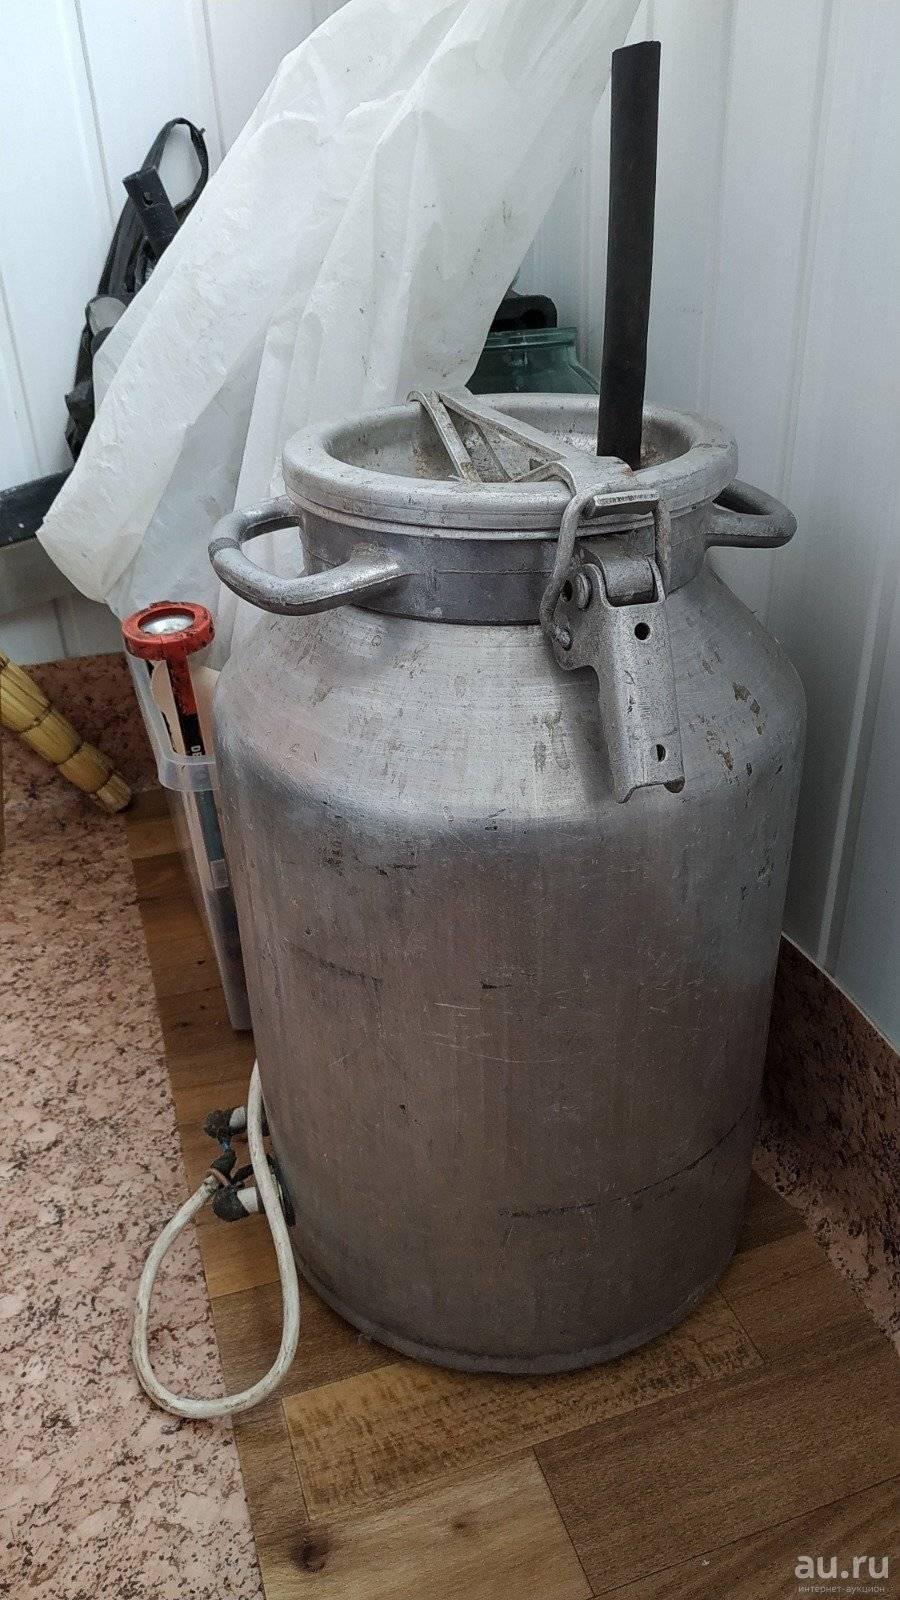 Создание самогонного аппарата из фляги. как выбрать материал и сделать в домашних условиях?